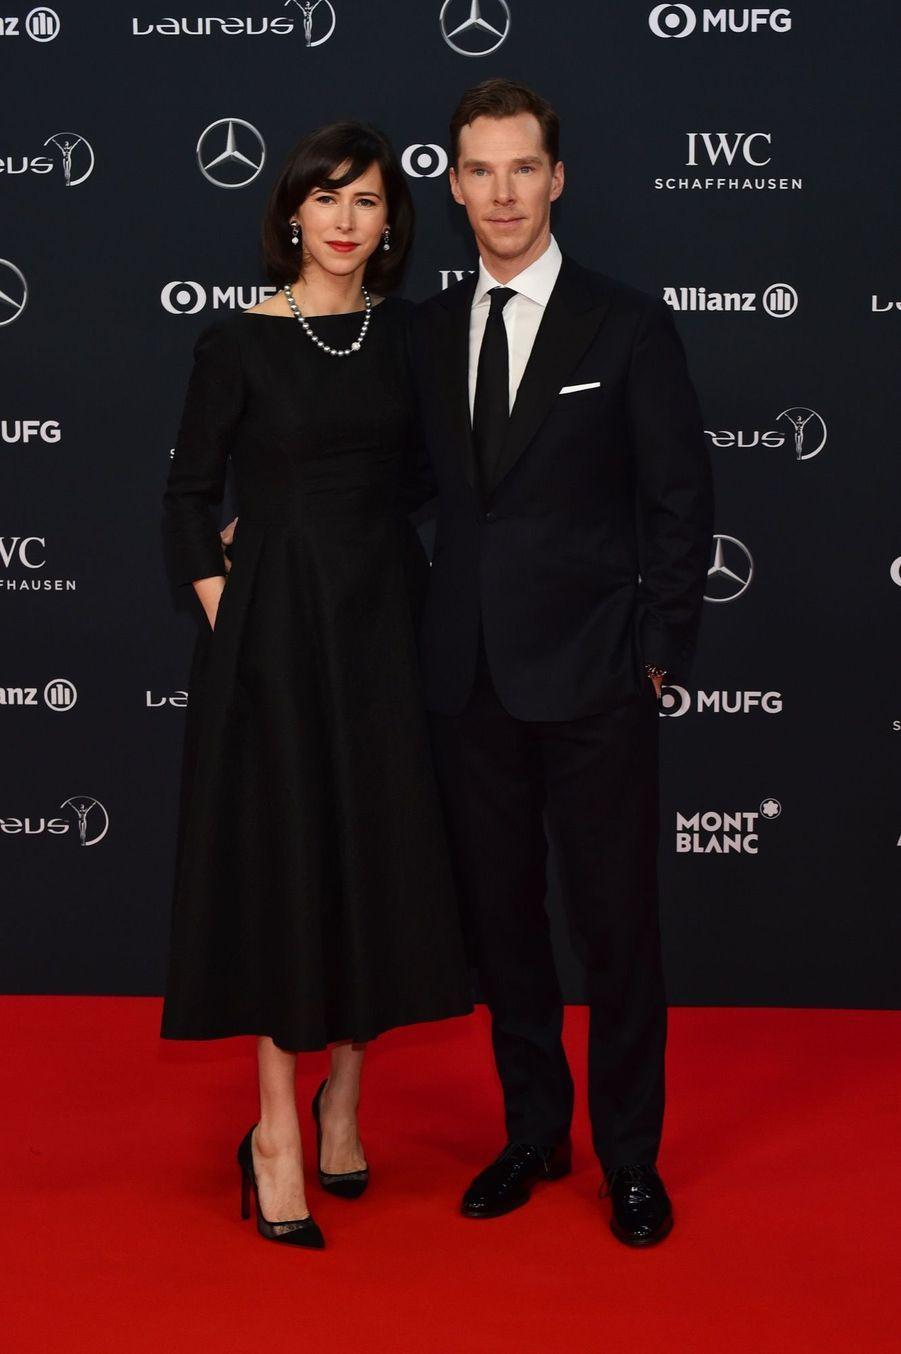 """Benedict Cumberbatch et sa femme Sophie Hunter à la cérémonie des prix """"Laureus du sport"""""""